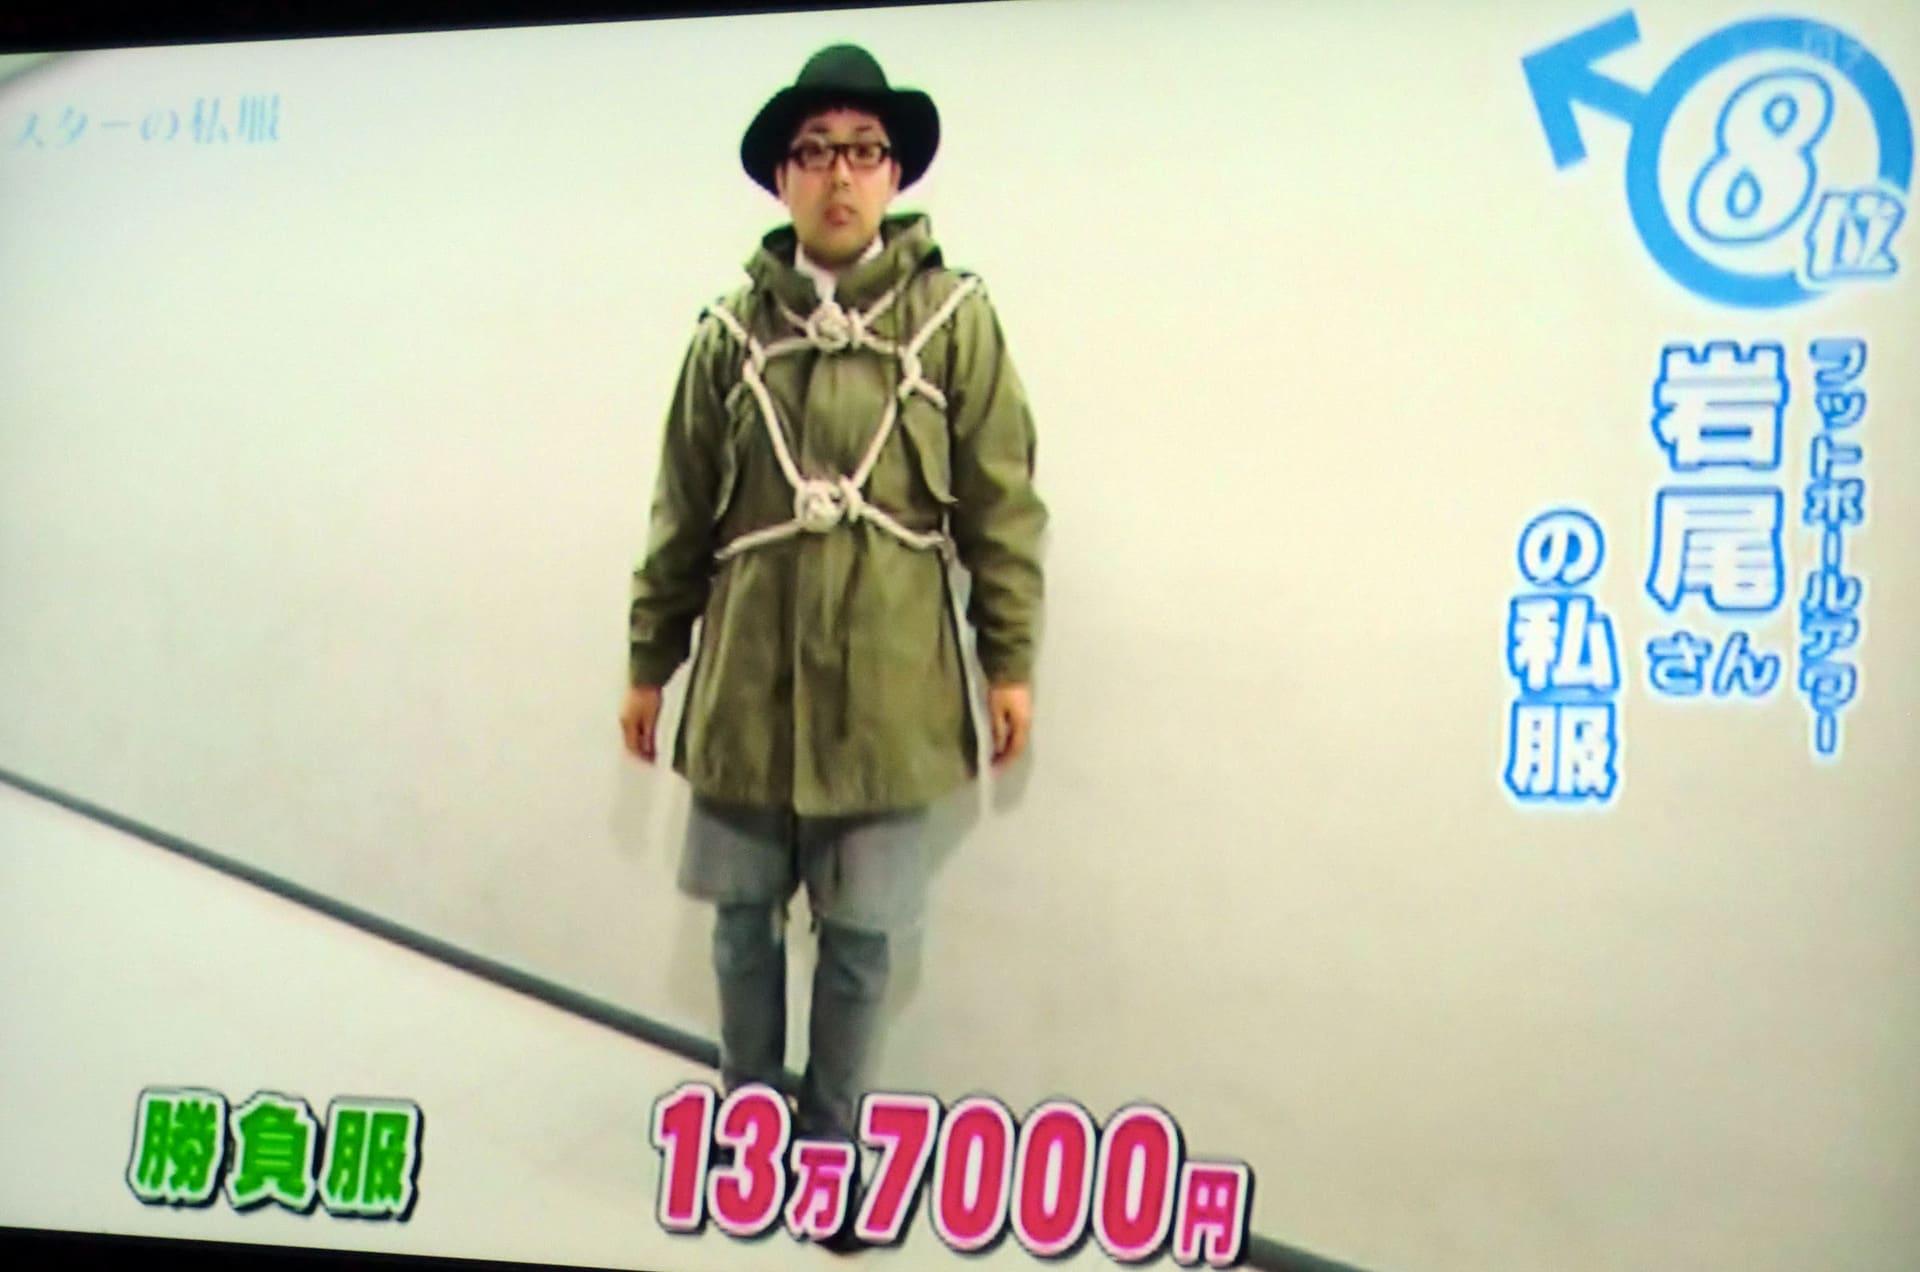 【悲報】ファッションに執着し過ぎたあの男、2chでネタにされまくった為、SNS等のアカウントを削除して逃亡 [無断転載禁止]©2ch.net [565985737]->画像>138枚